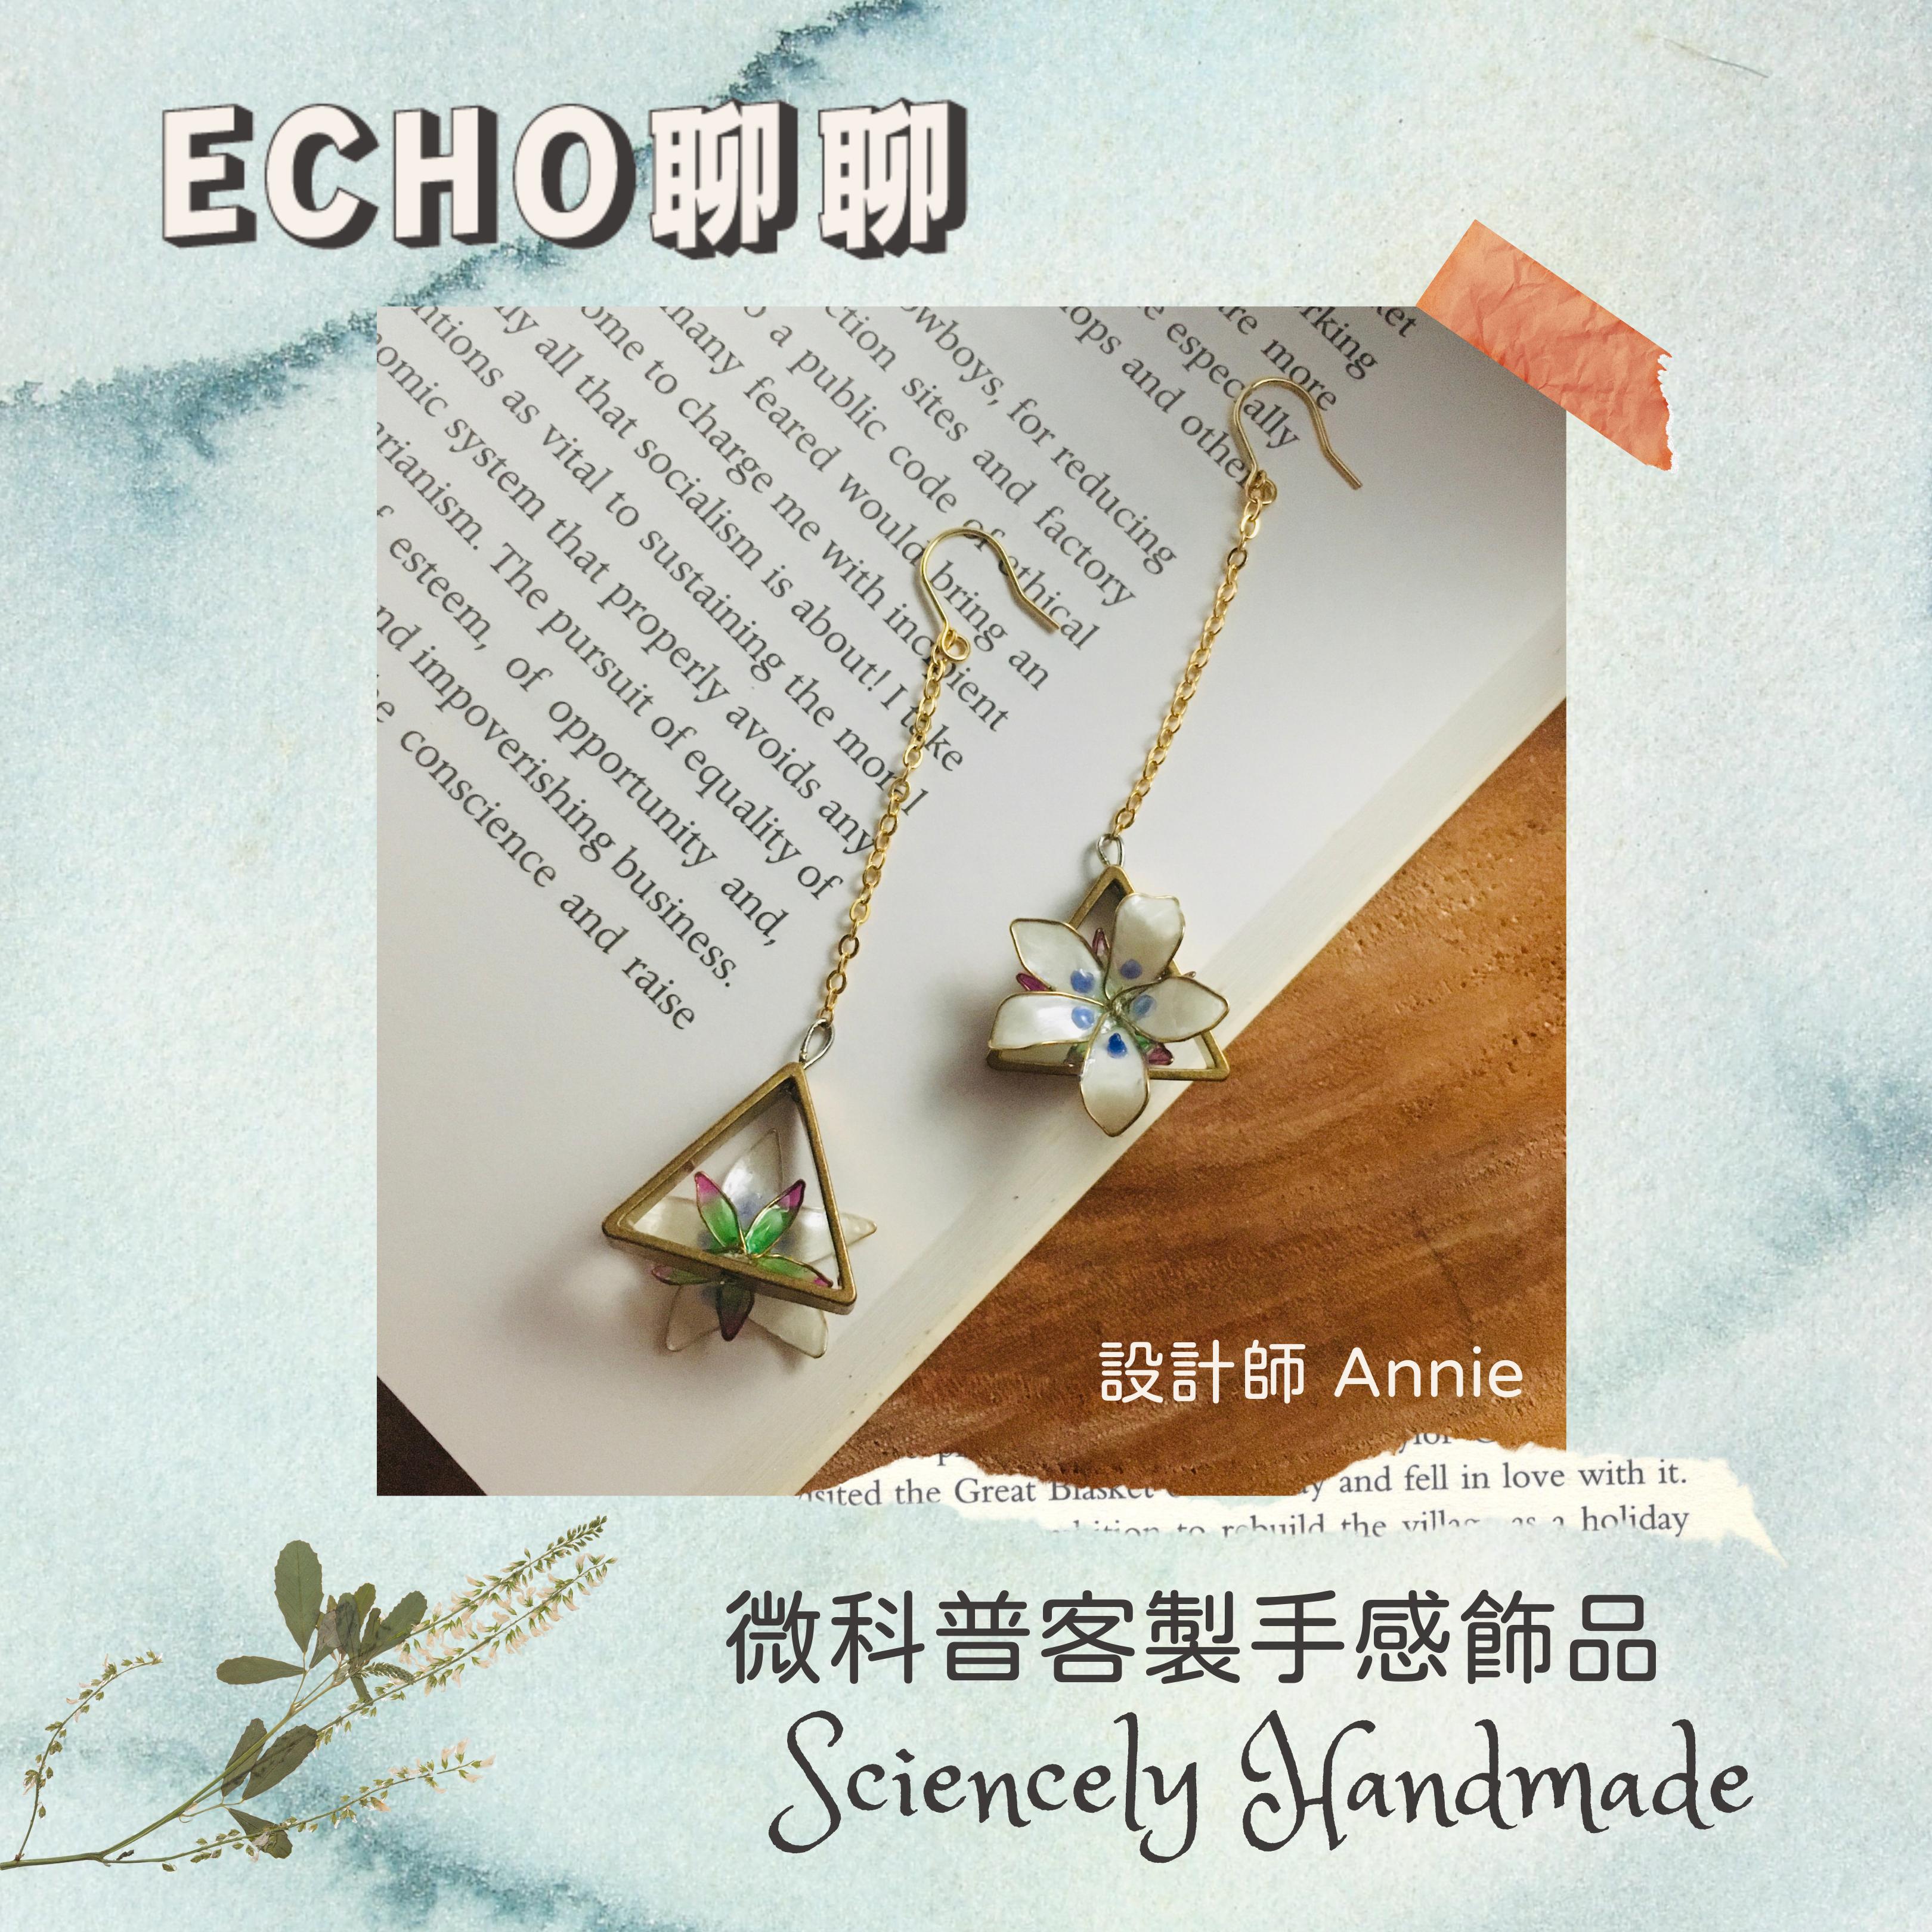 自然與手作設計的跨界融合 -「微科普」客製手感飾品 Sciencely Handmade